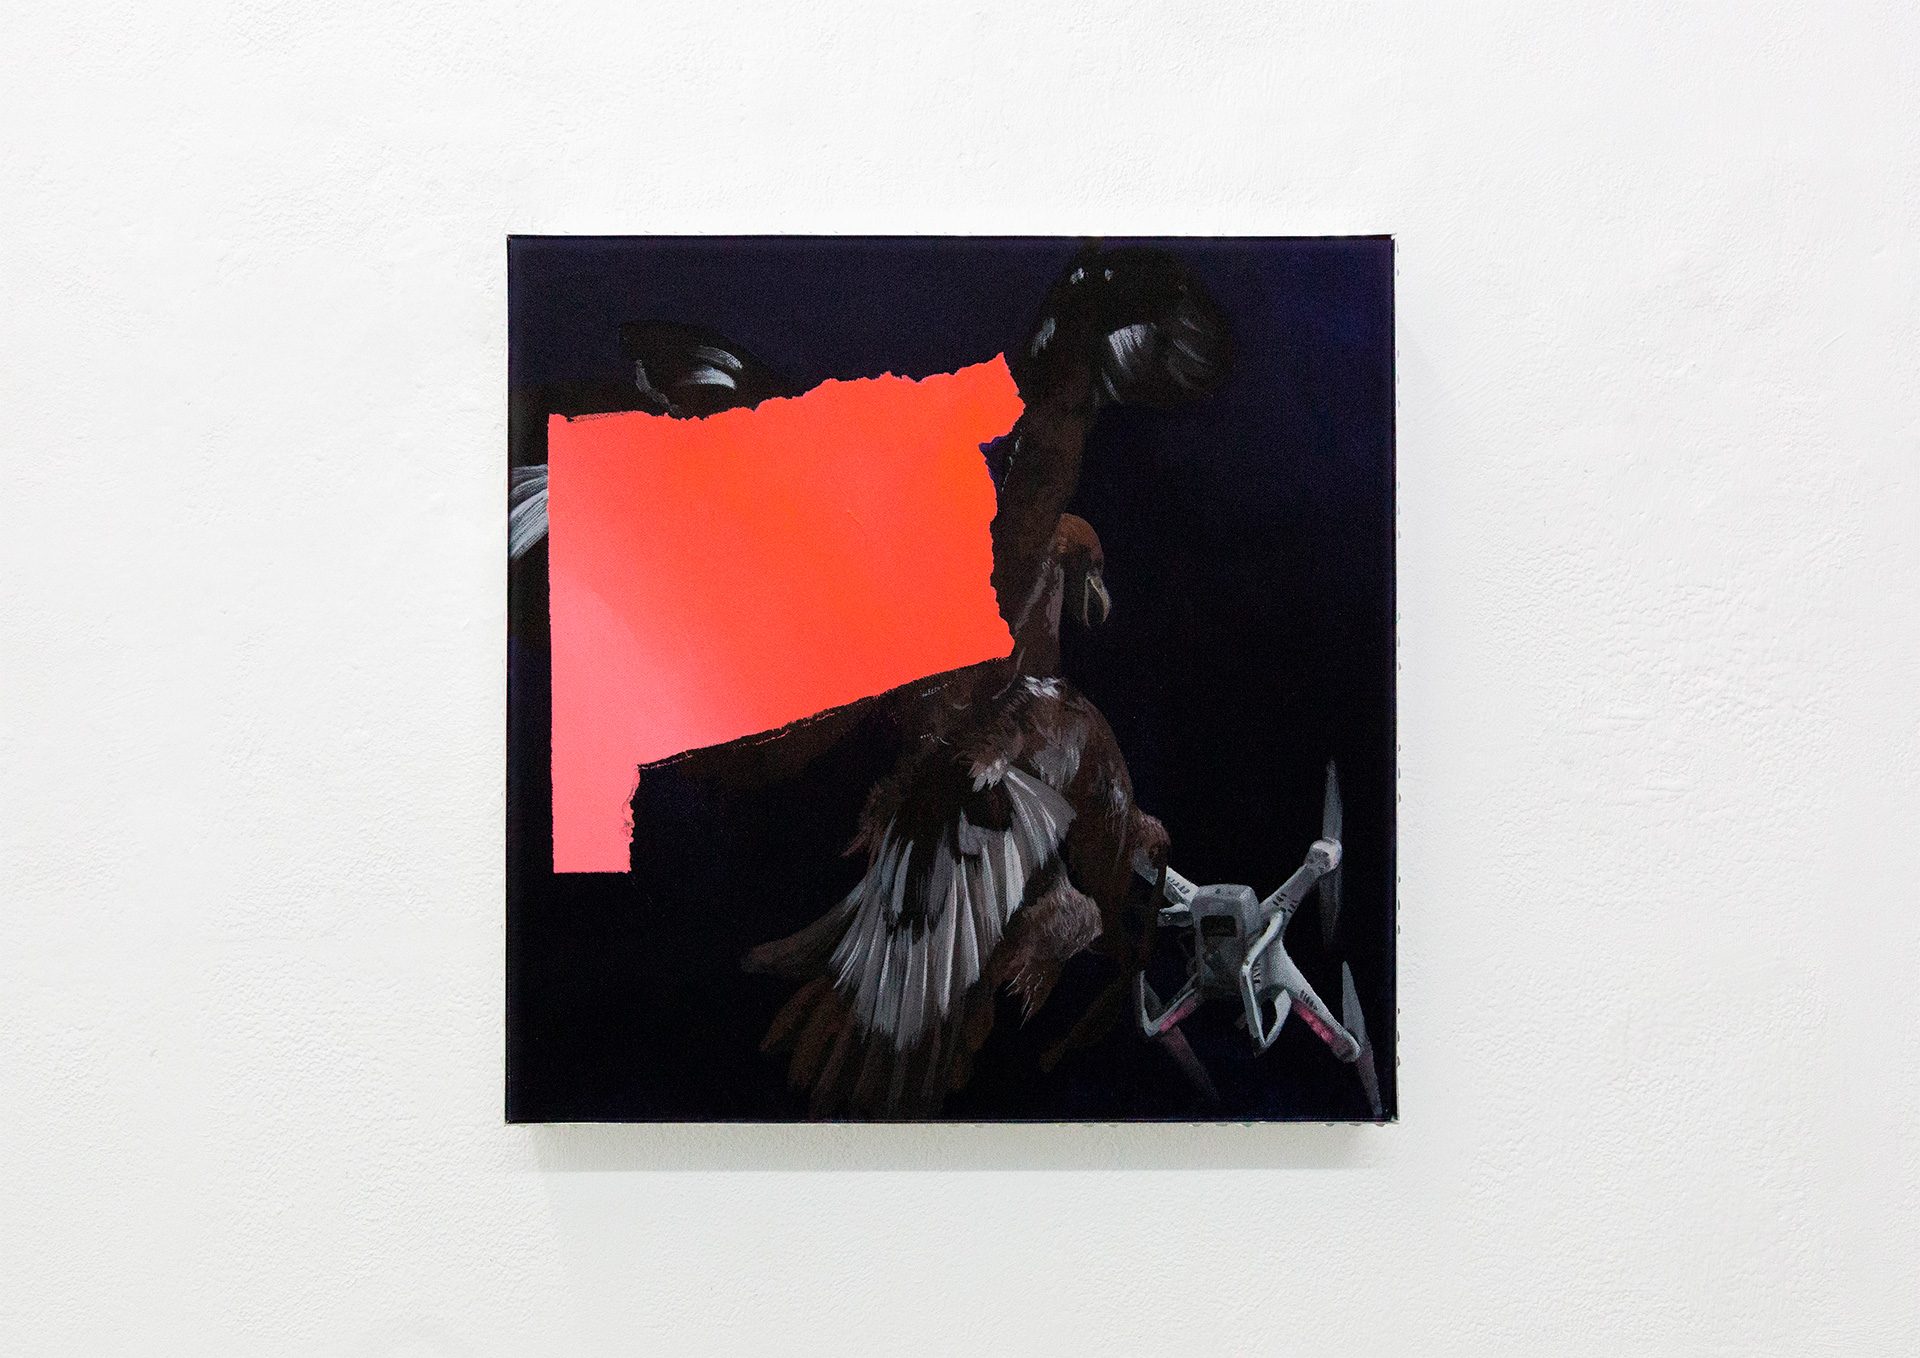 11 Andrea Martinucci - Glory Black Hole, exhibition view, Dimora Artica (ph Andrea Cenetiempo).jpg